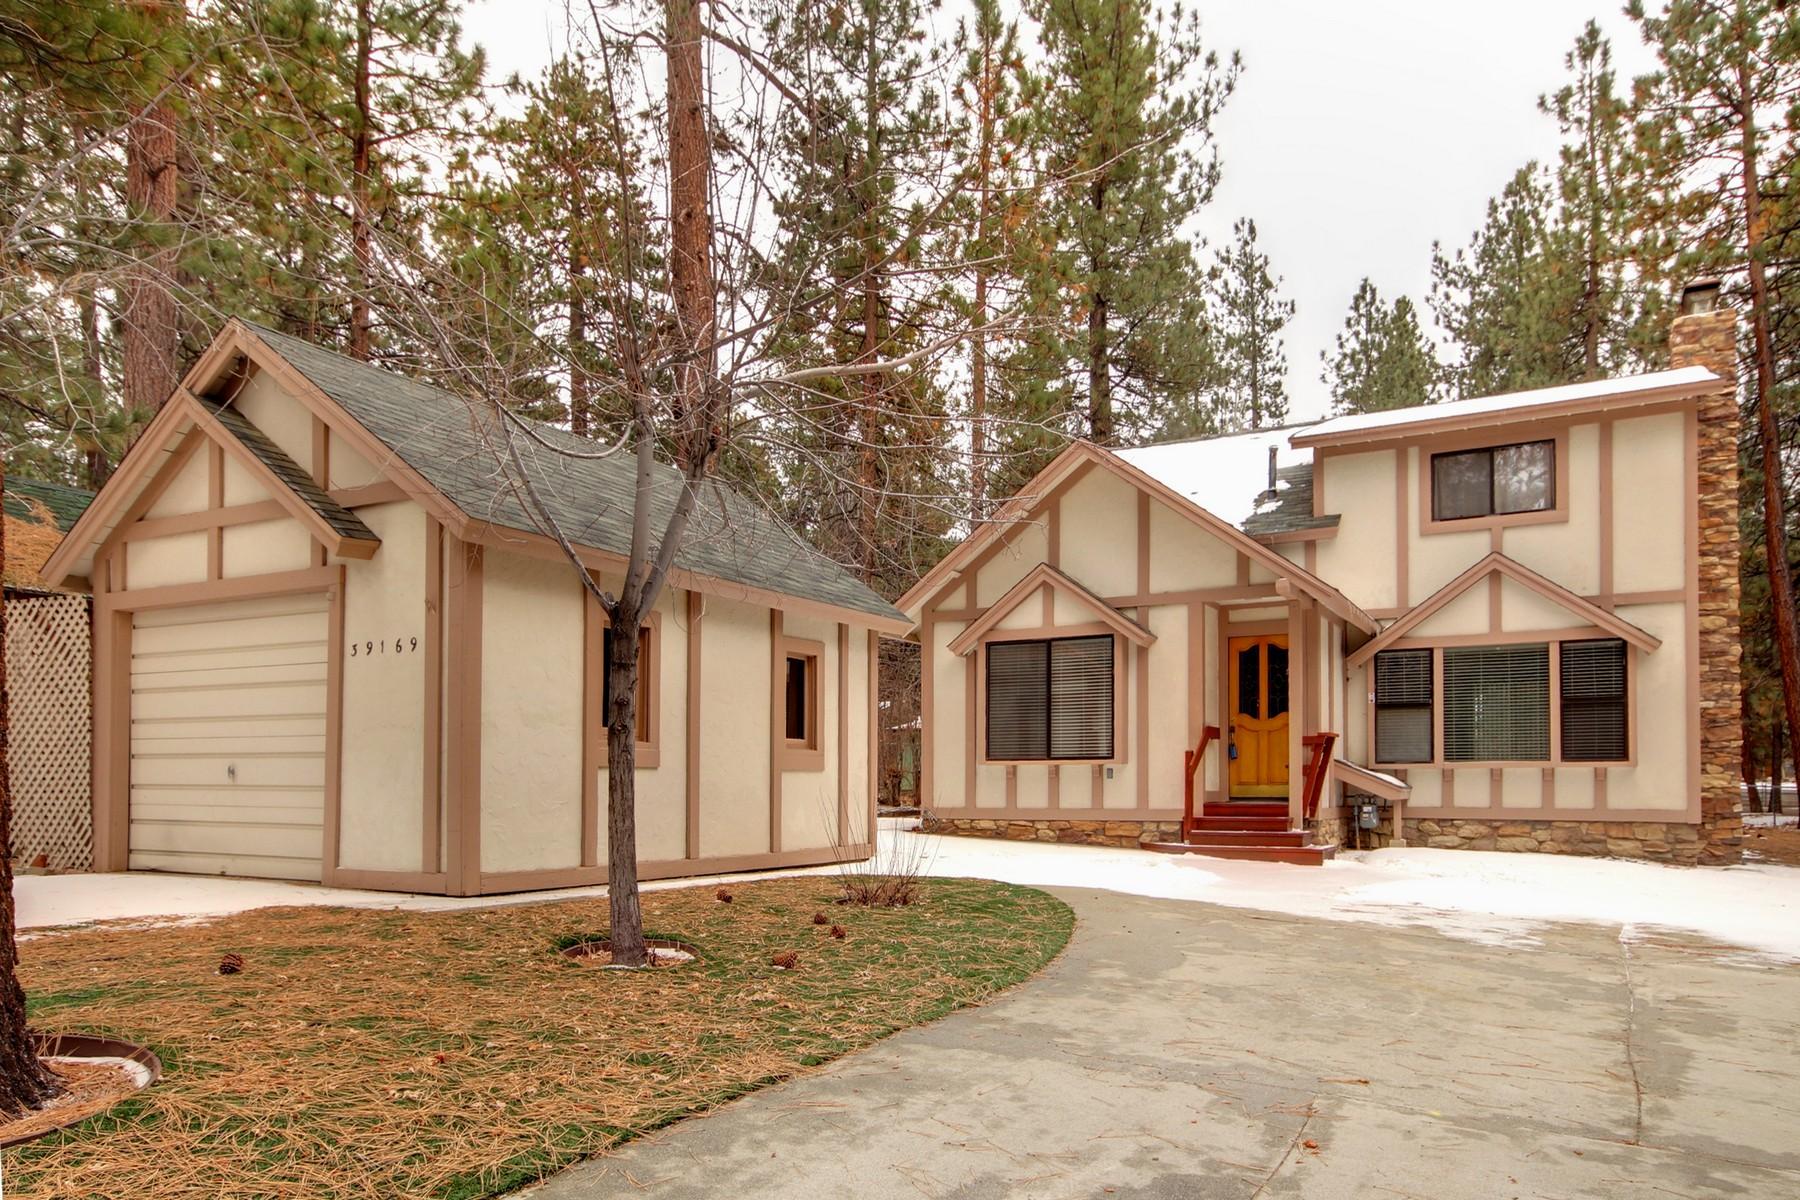 Частный односемейный дом для того Продажа на 39169 Robin Road, Big Bear Lake, Ca. 92315 Big Bear Lake, Калифорния, 92315 Соединенные Штаты